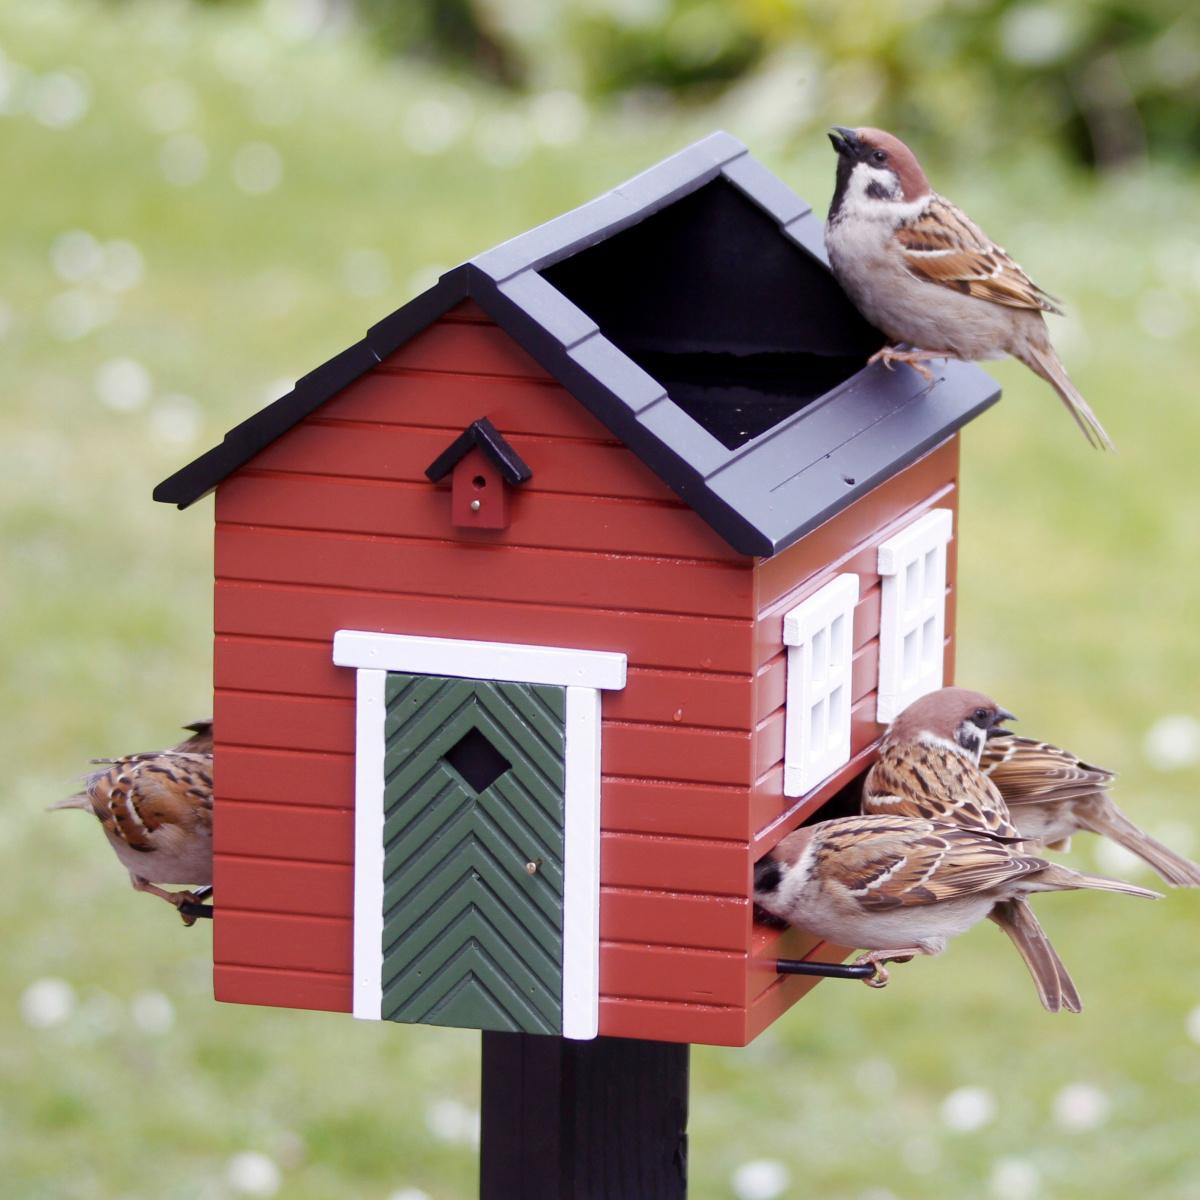 Wildlife Garden foderhus med fuglebad - rød